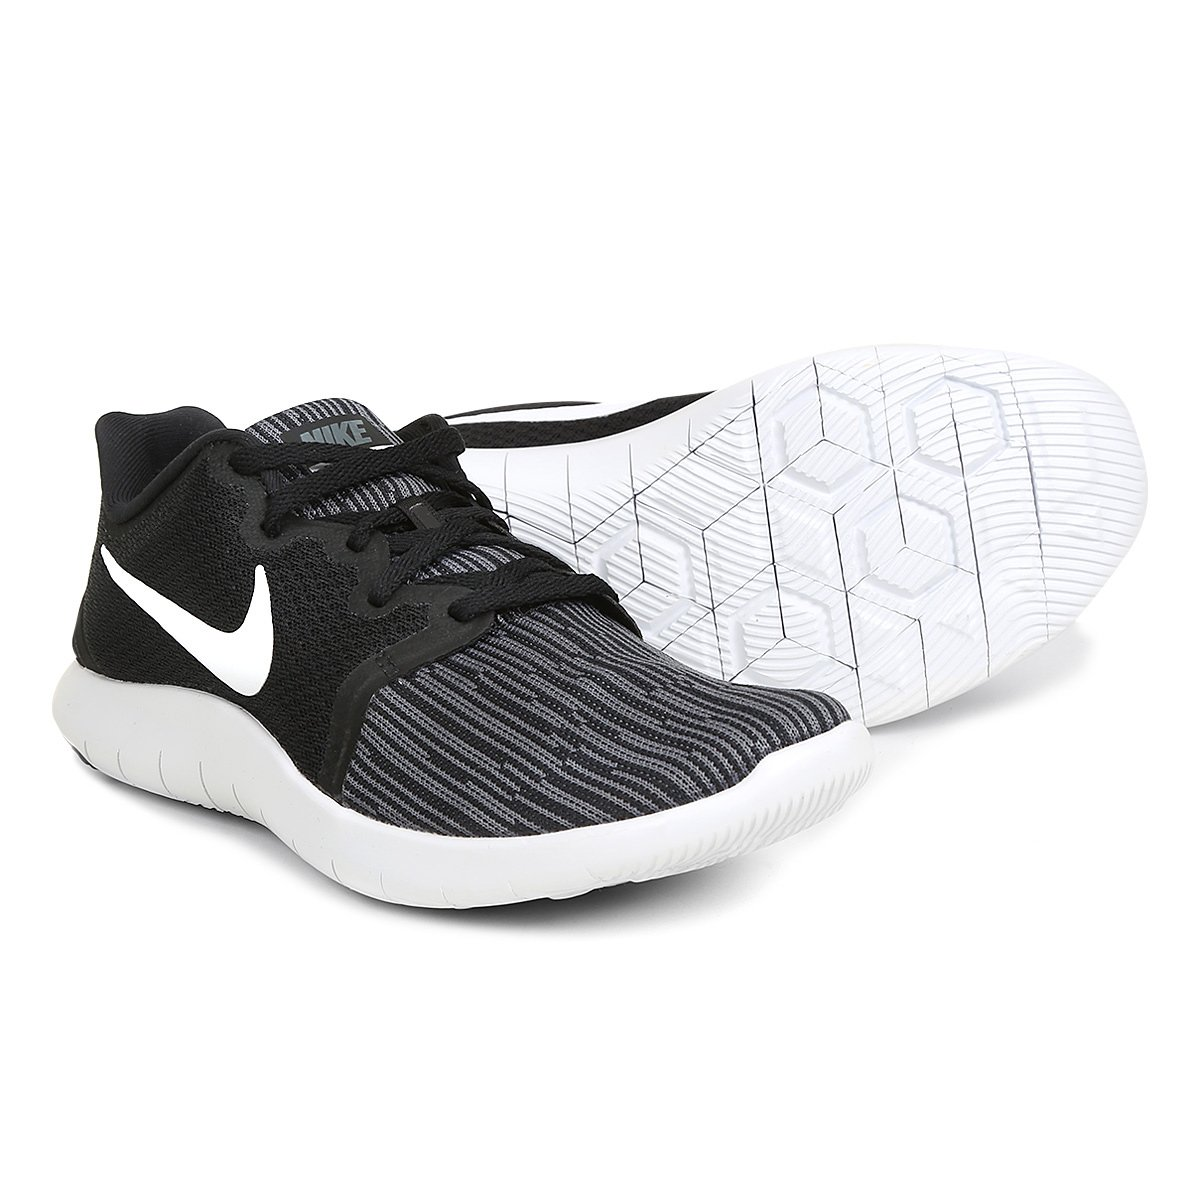 Tênis Nike Flex Contact 2 Masculino - Branco e Preto - Compre Agora ... 9d8b267ac11ae